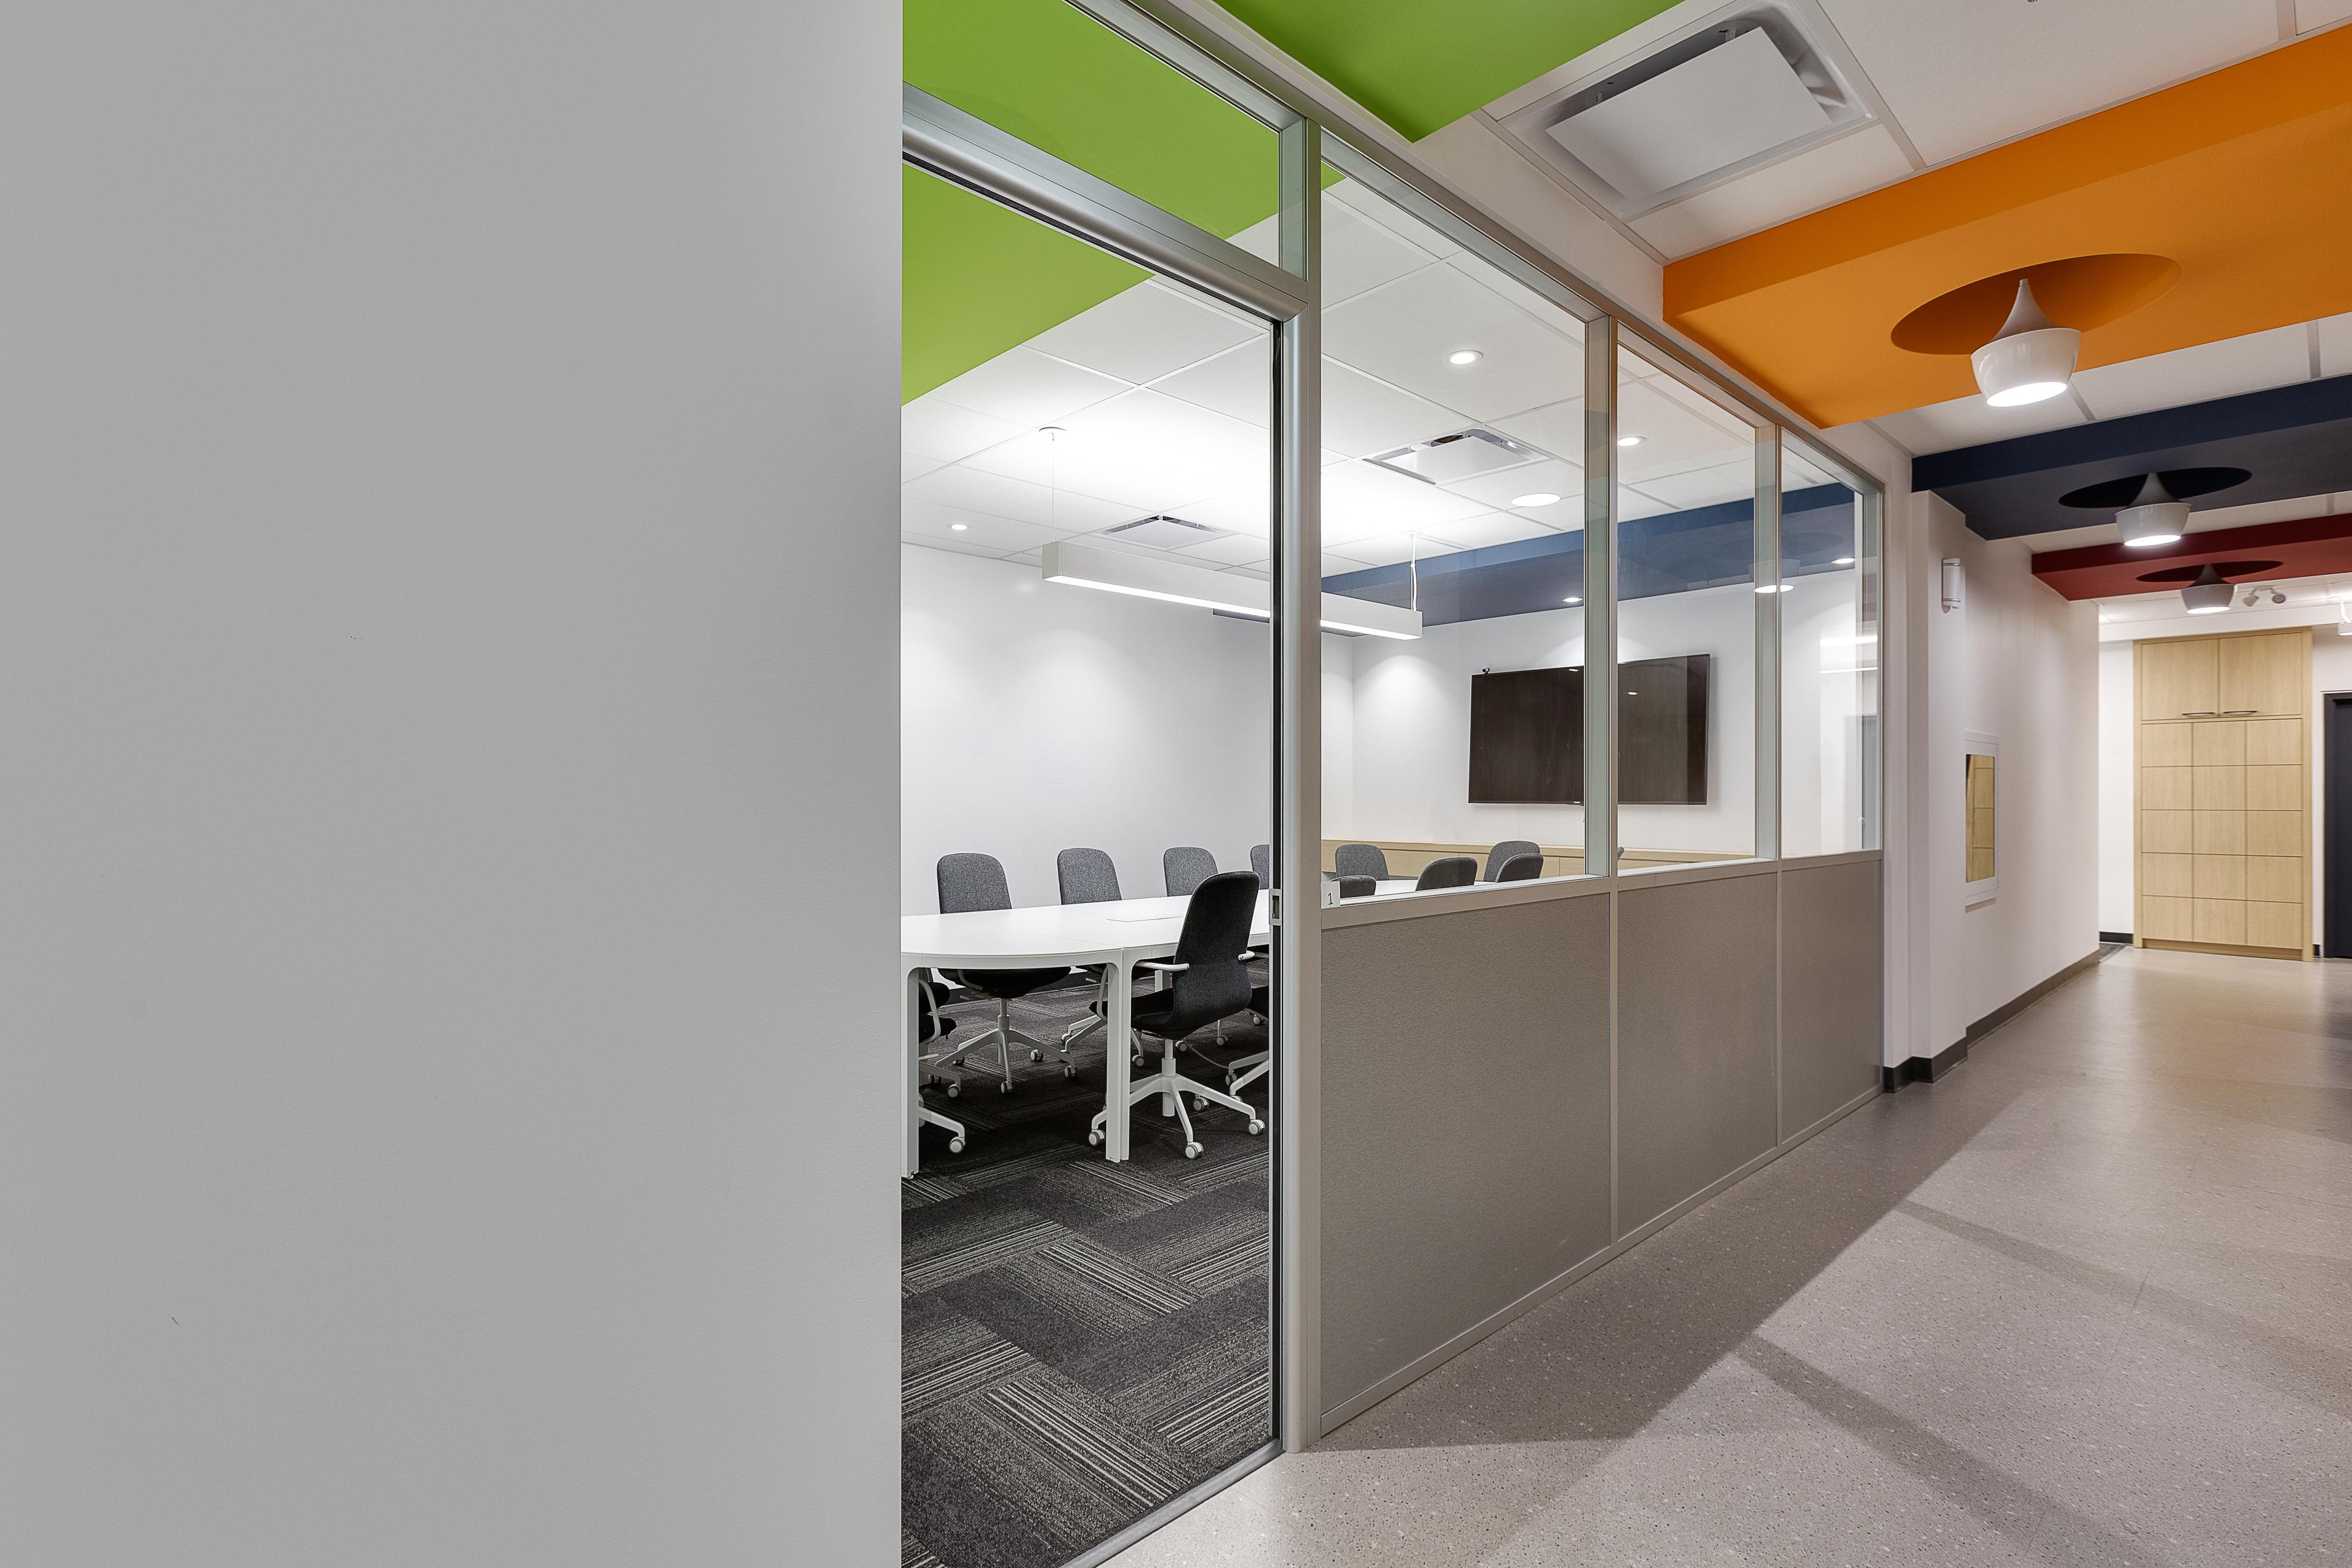 bureaux travail espace dynamique moderne solutions, Genius Solutions